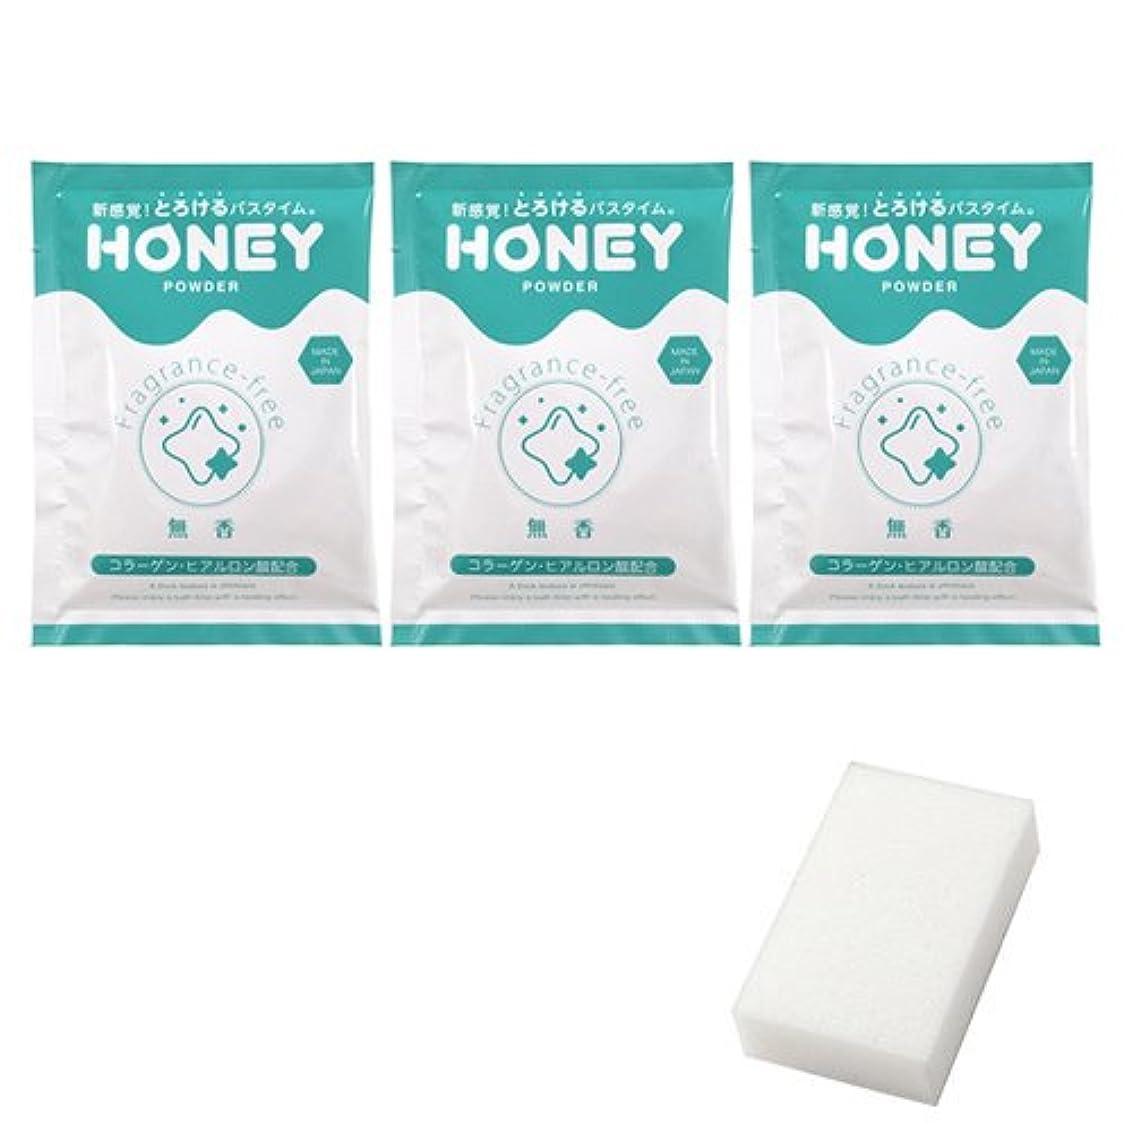 部族移住する素朴なとろとろ入浴剤【honey powder】(ハニーパウダー) 無香タイプ 3個セット + 圧縮スポンジセット